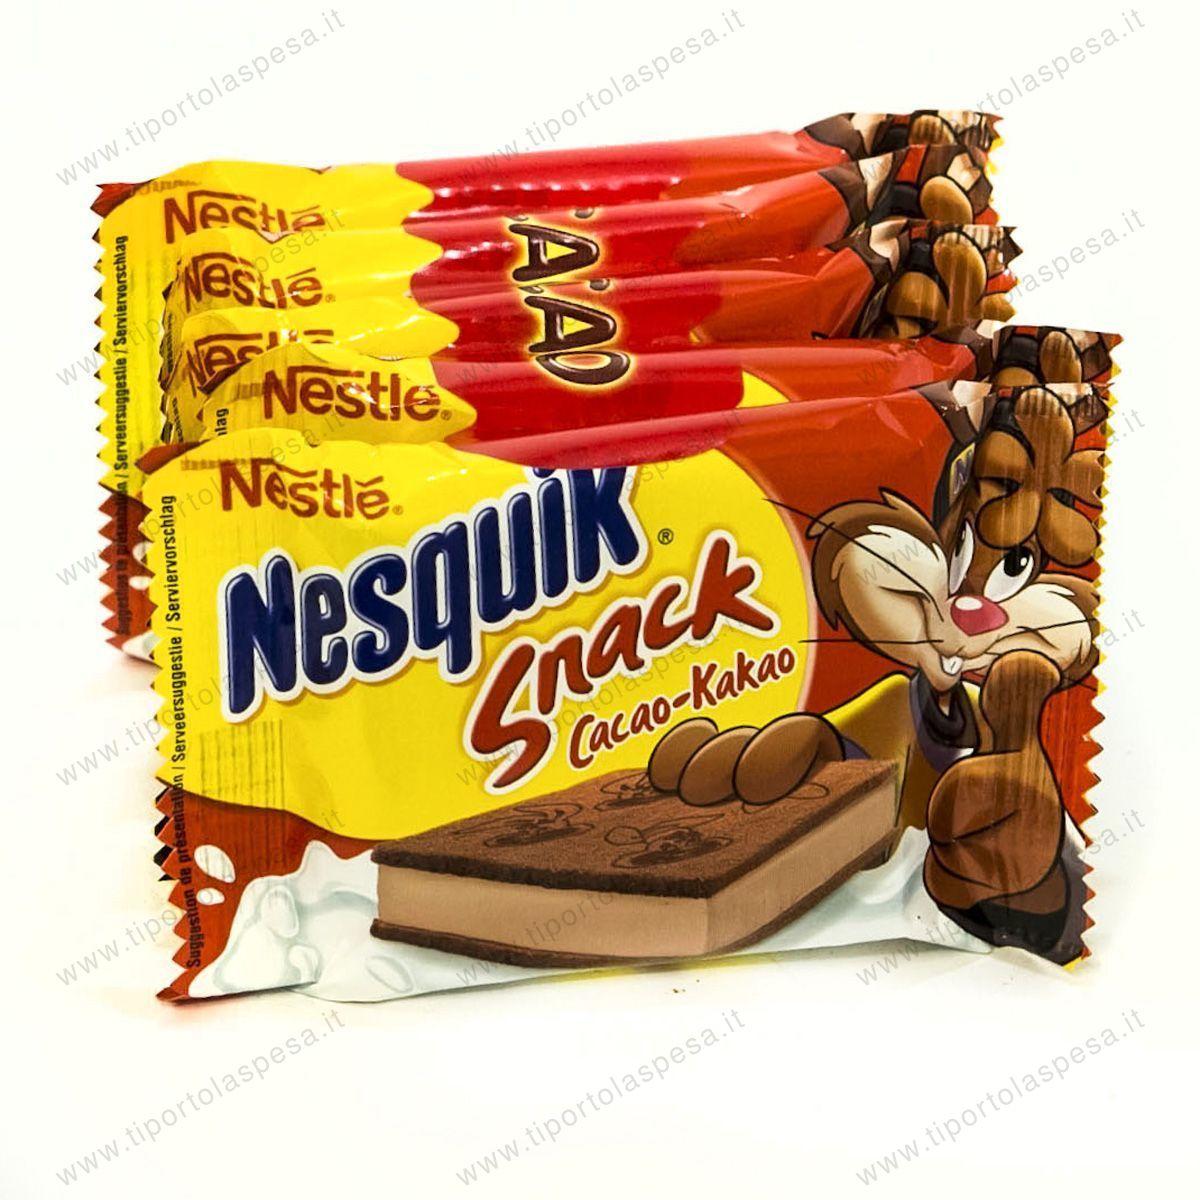 Nesquick Snack